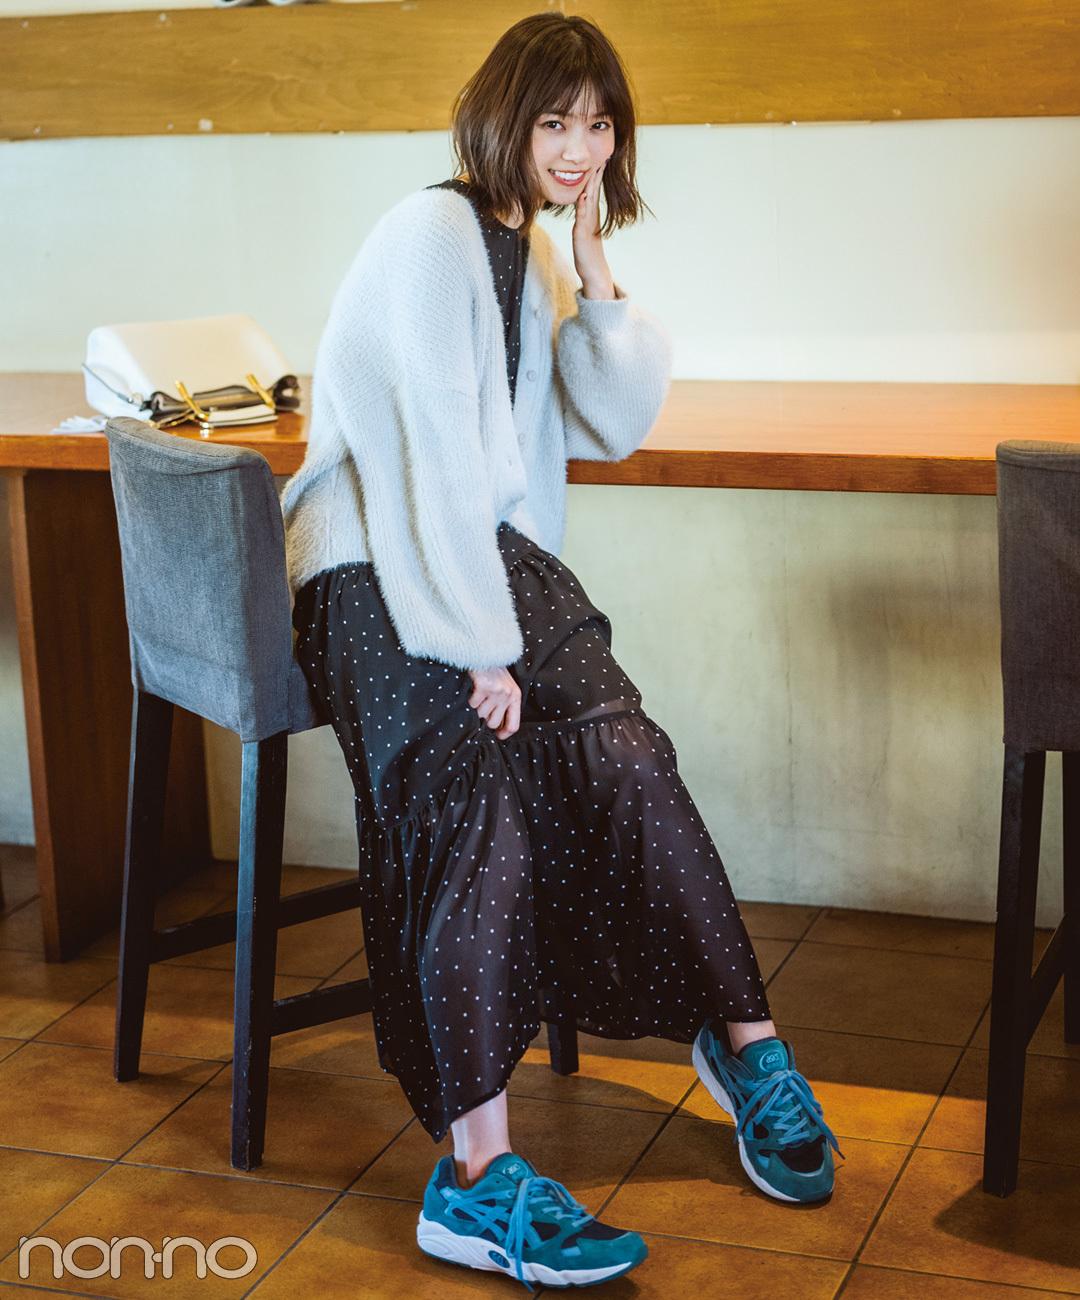 【グリーンスニーカーコーデ】西野七瀬の、カフェ巡りにぴったりなグリーンスニーカーのゆるカジコーデ♪